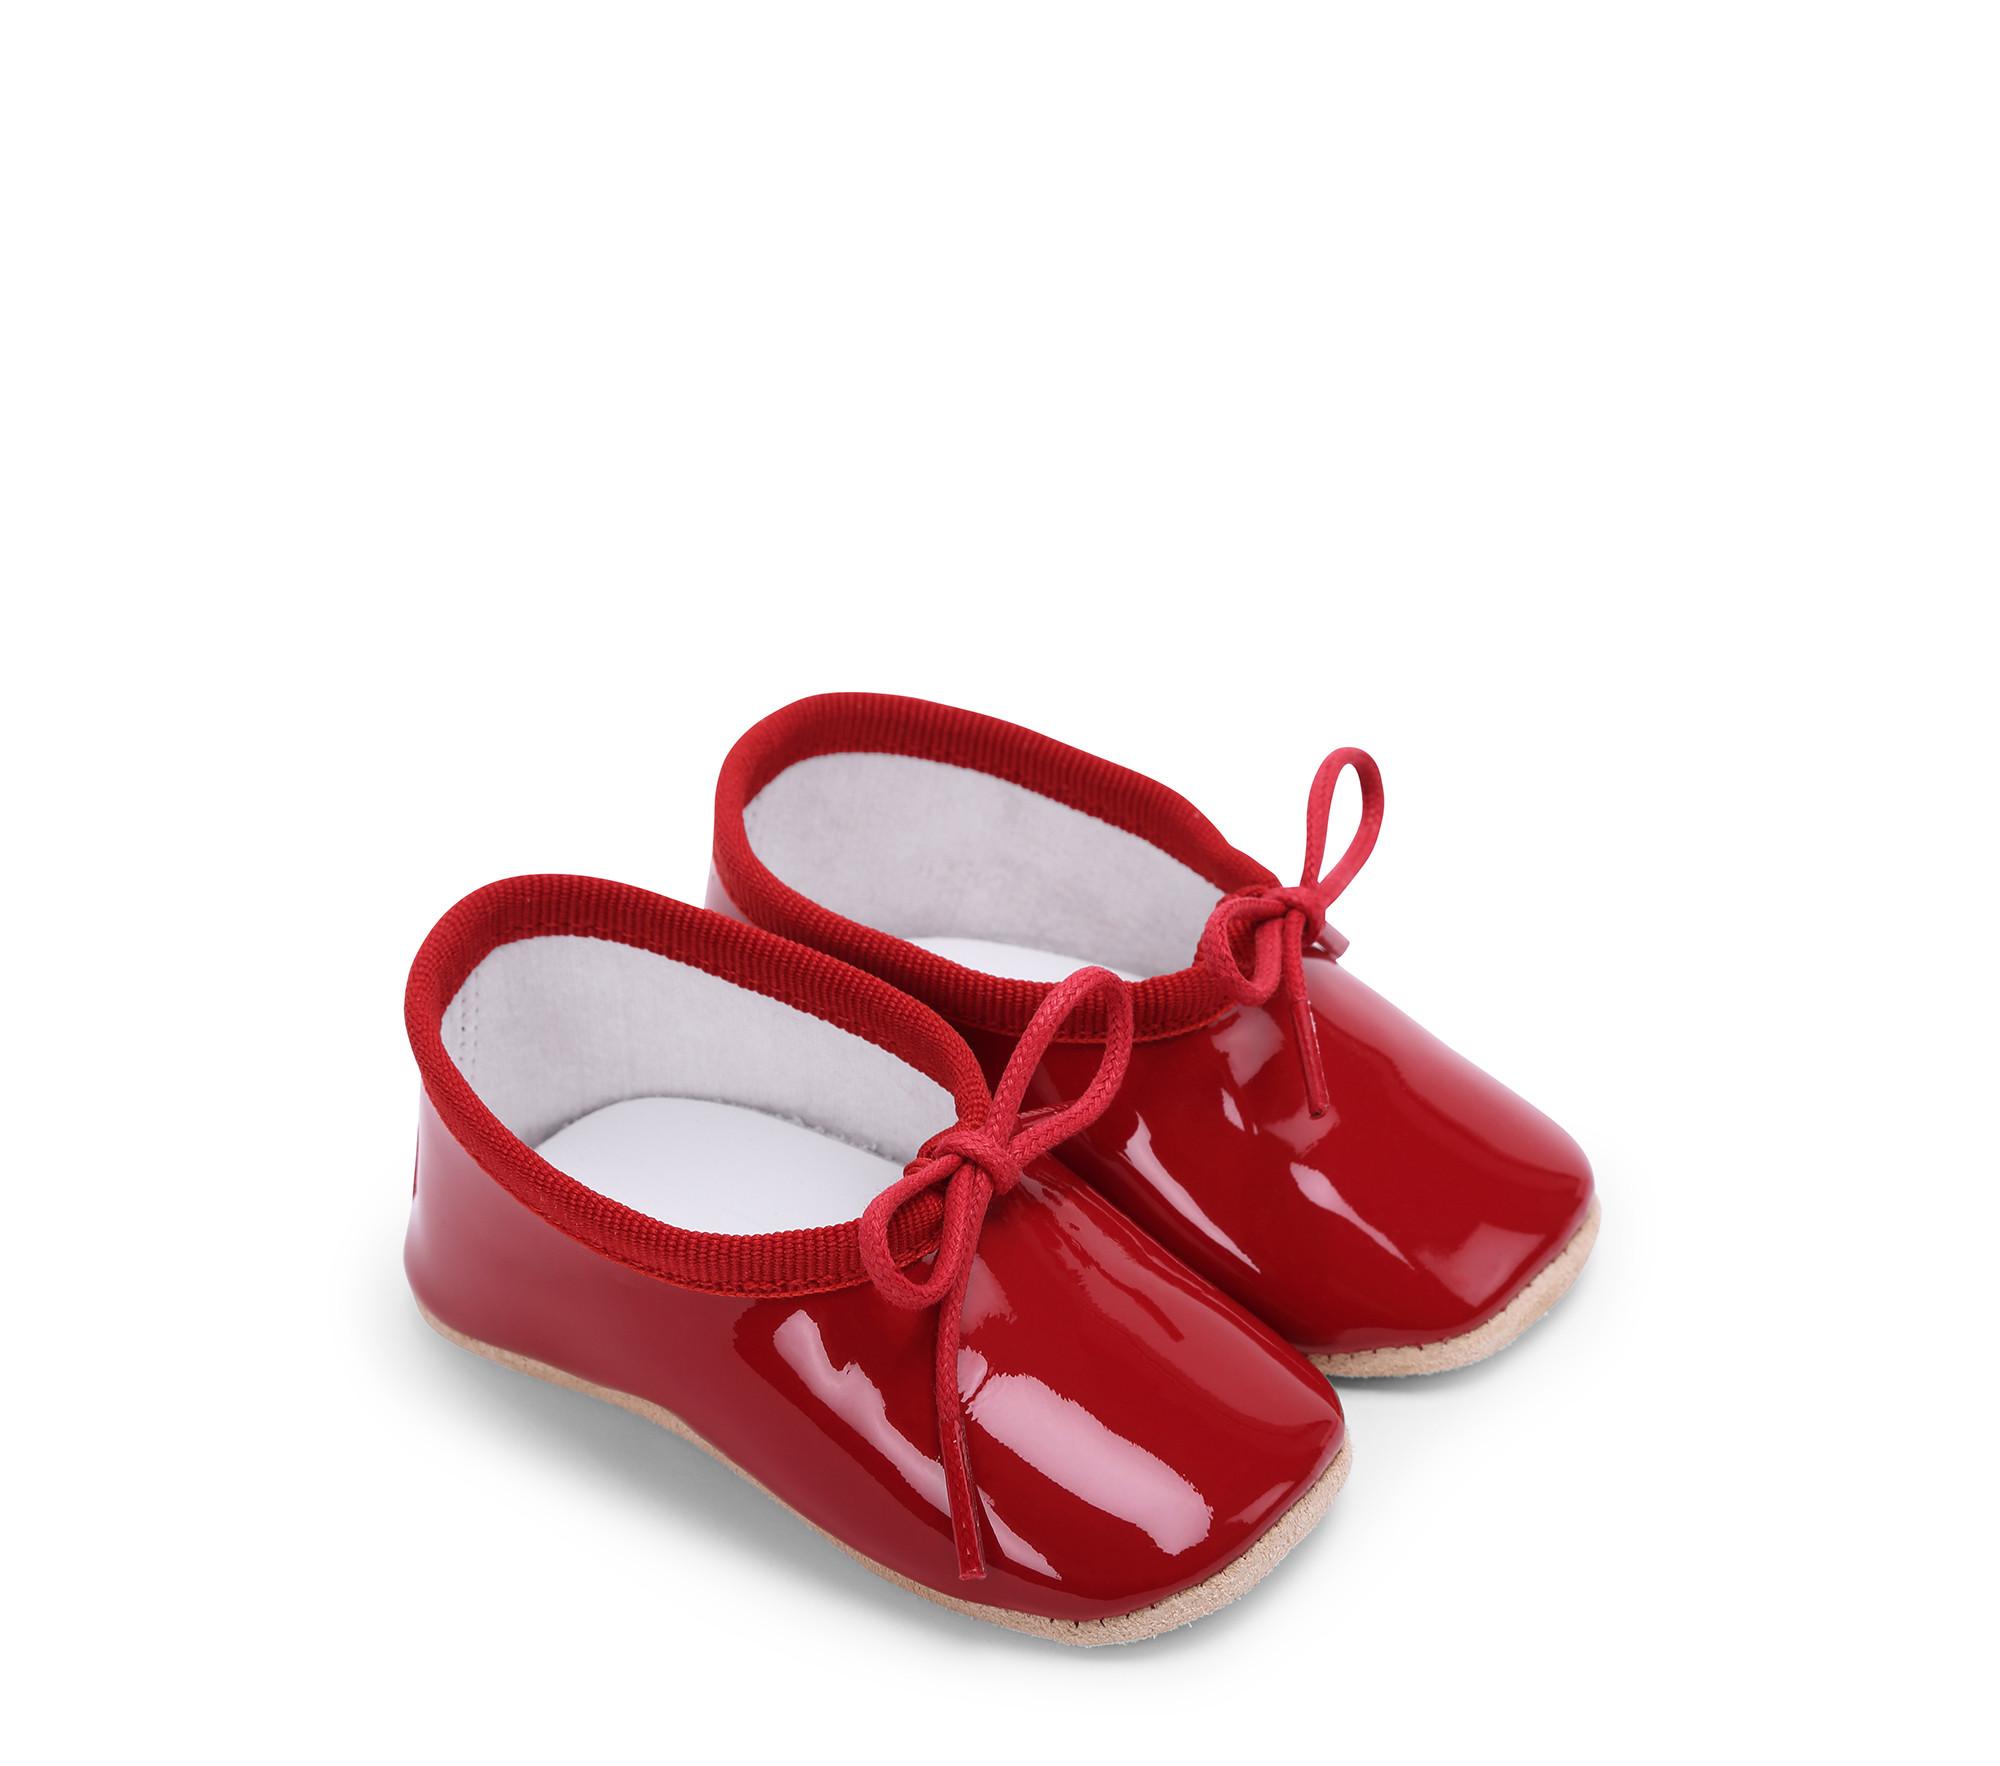 Bibi ballerinas - Baby